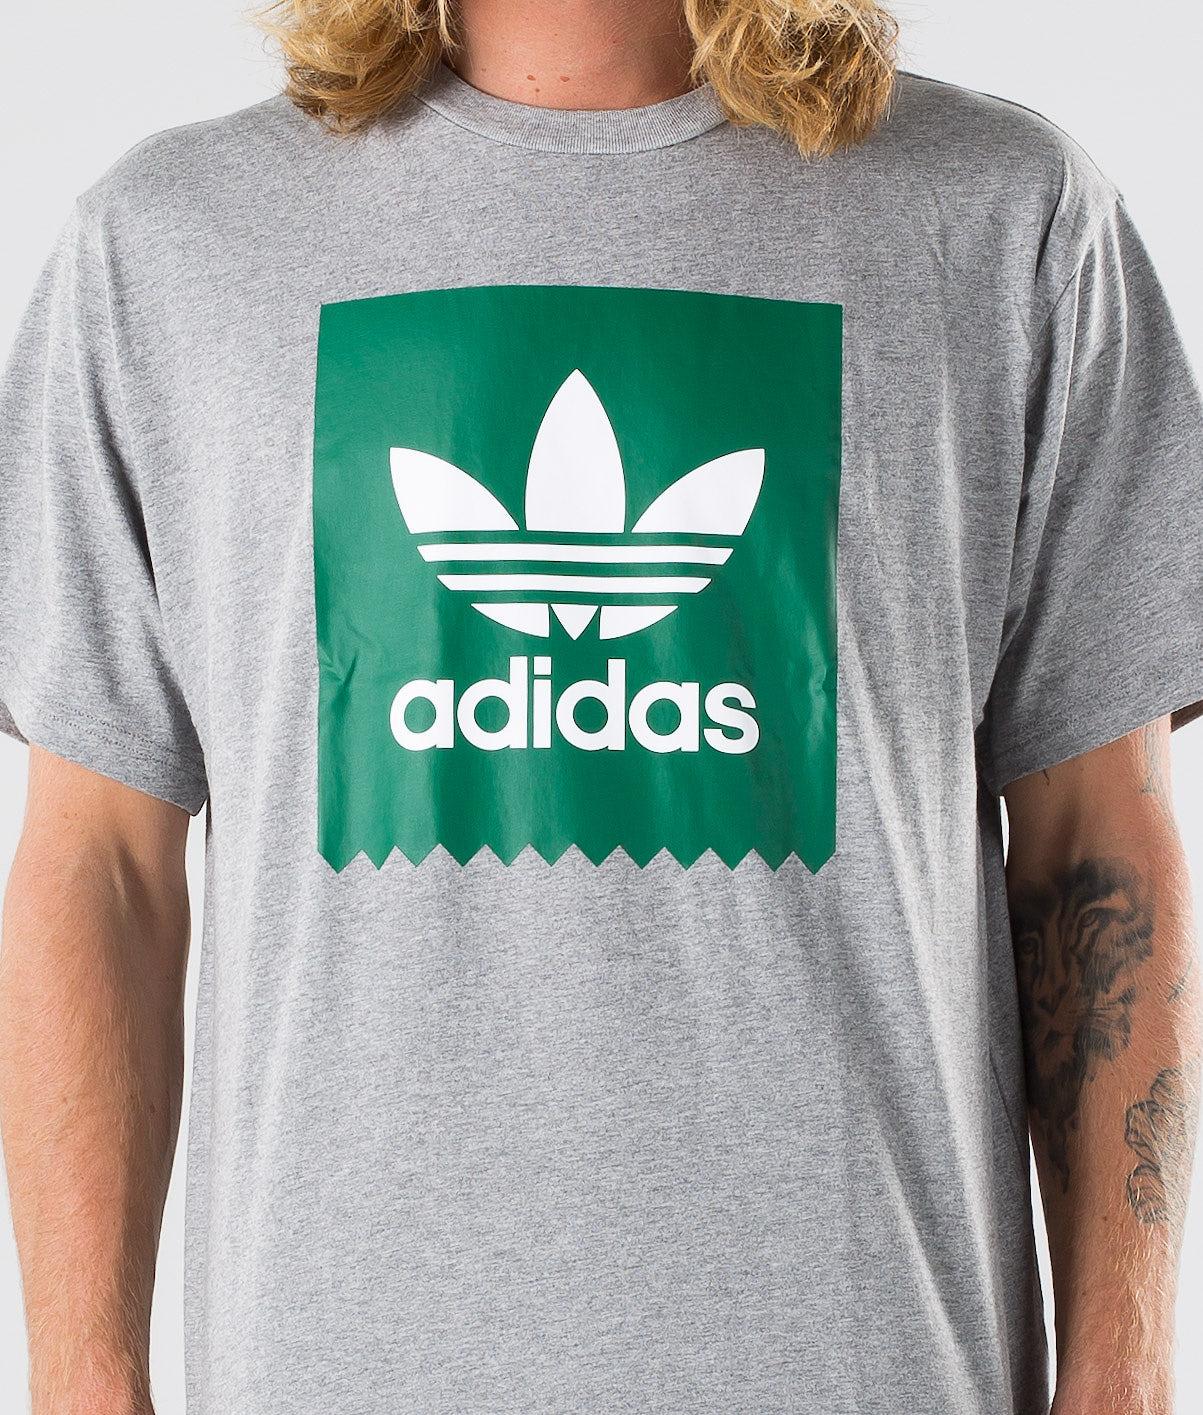 Kjøp Solid BB T T-shirt fra Adidas Skateboarding på Ridestore.no - Hos oss har du alltid fri frakt, fri retur og 30 dagers åpent kjøp!